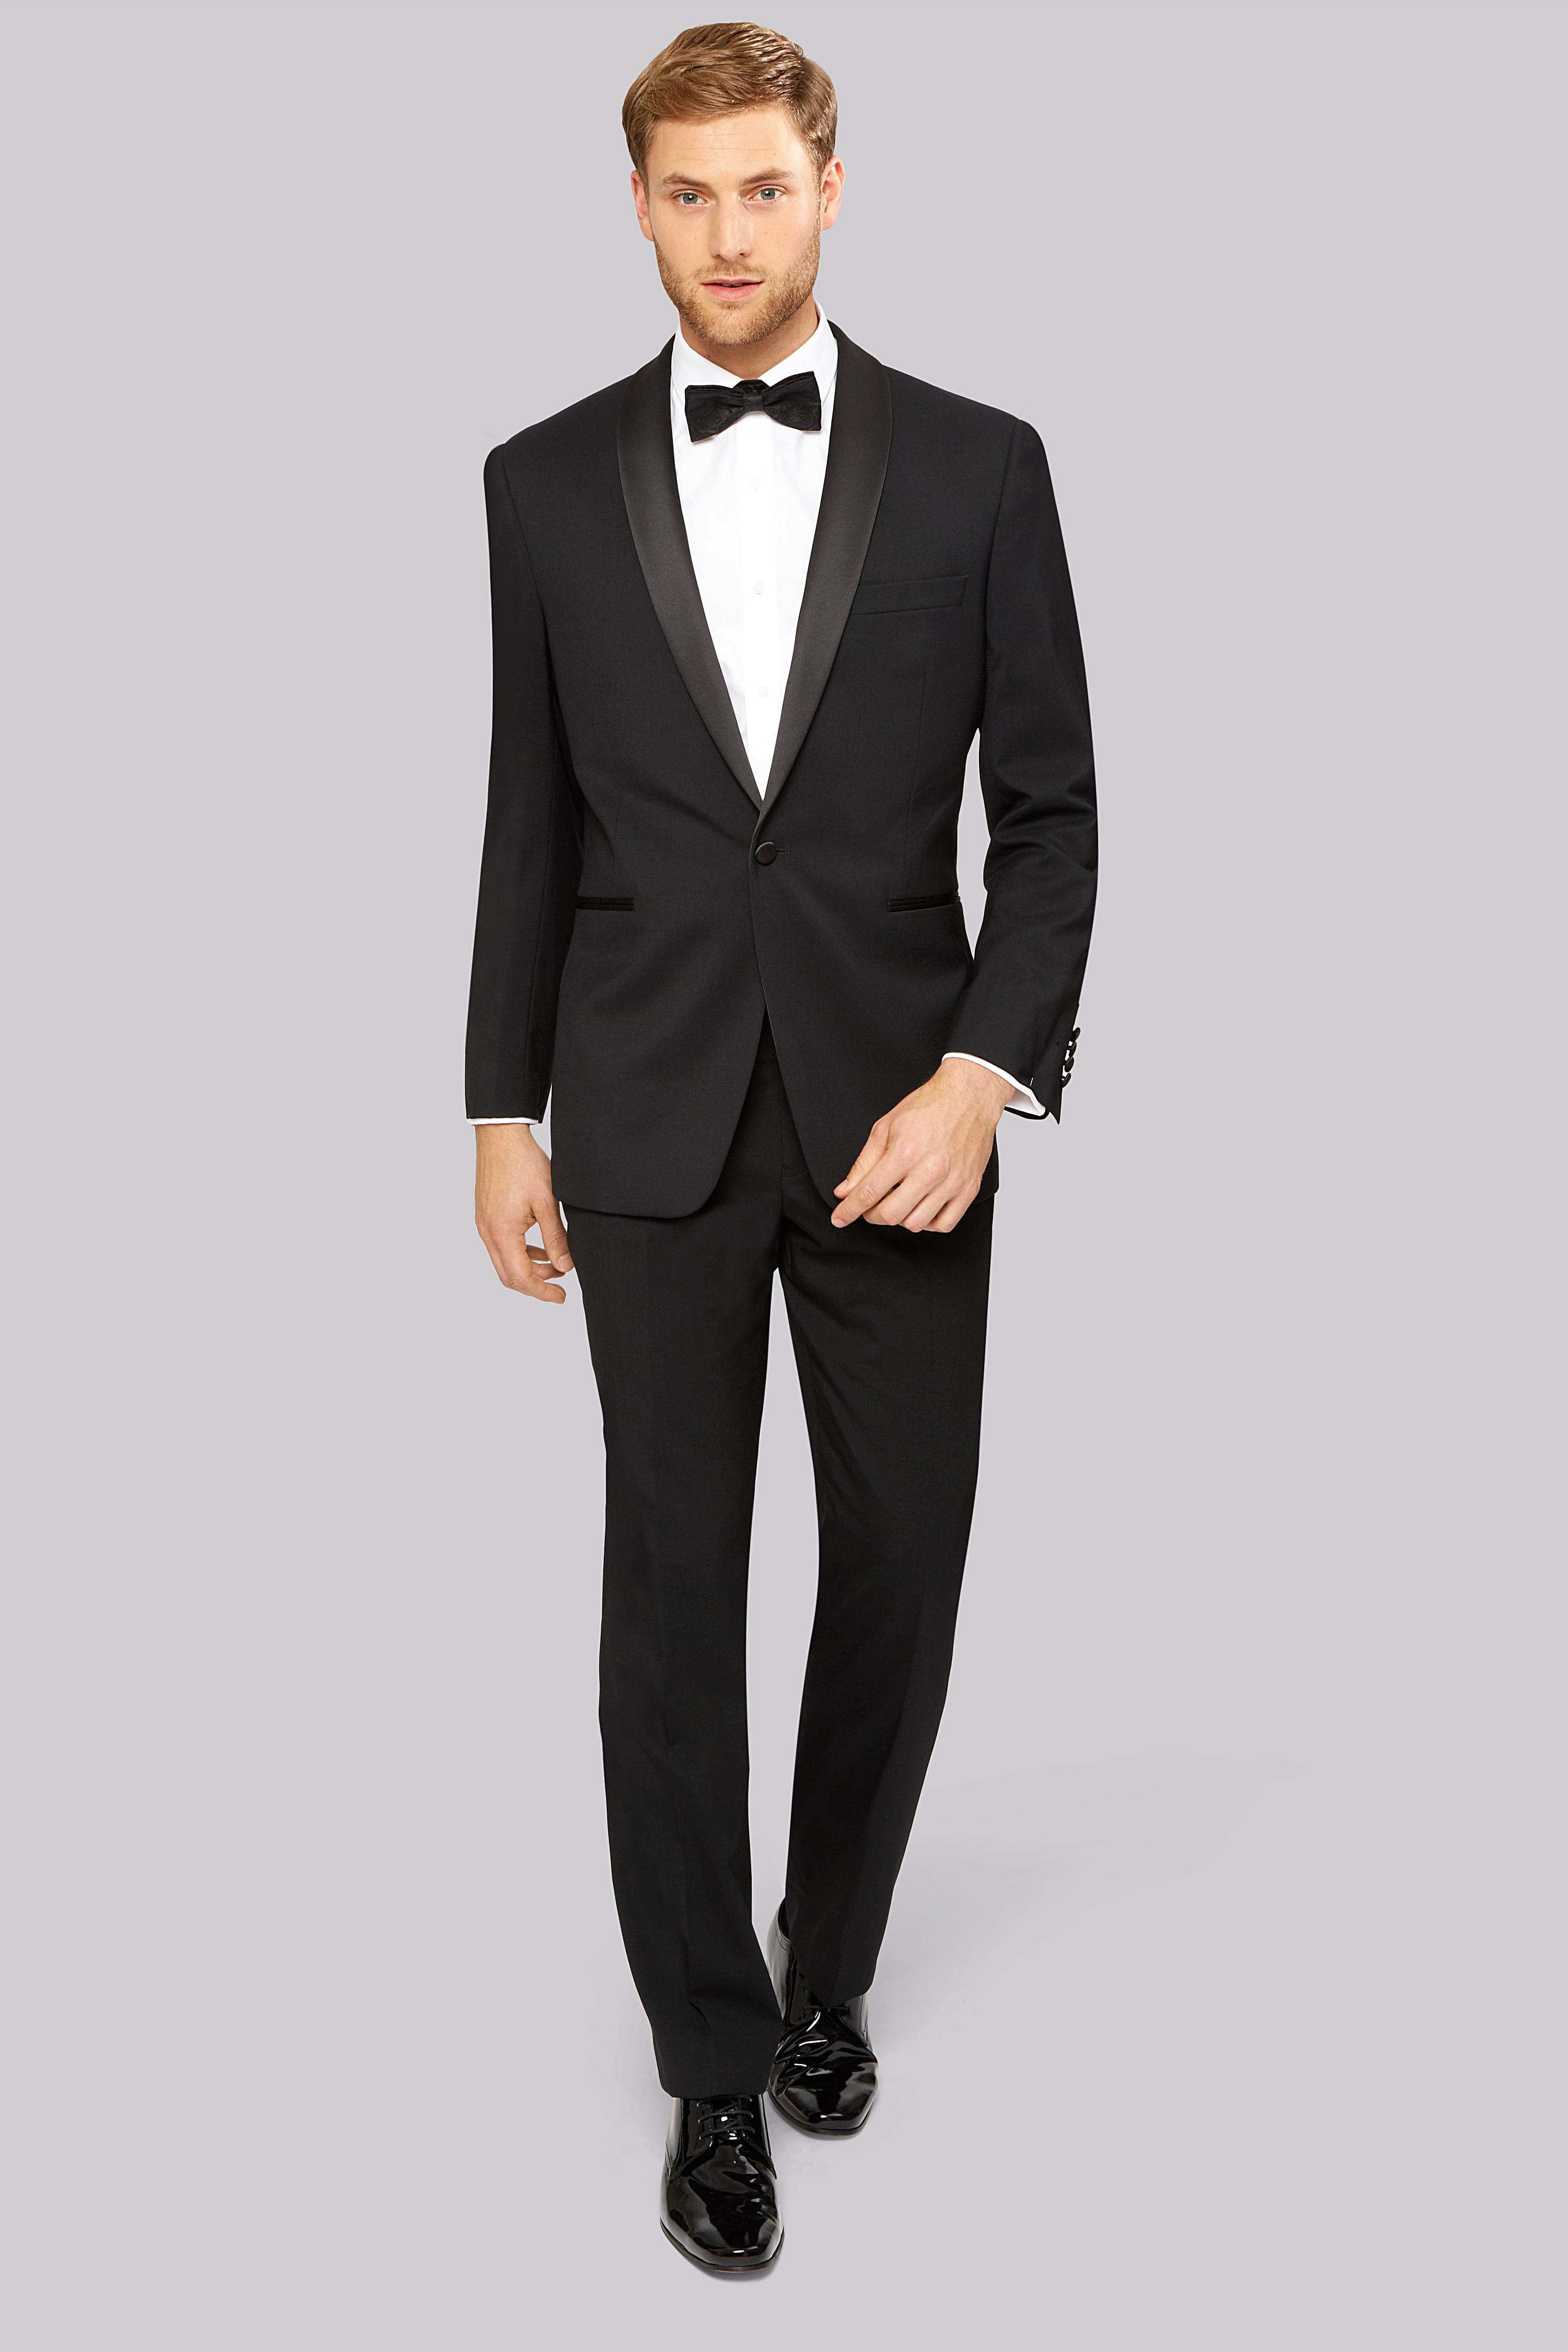 bow tie tuxedos photo - 1